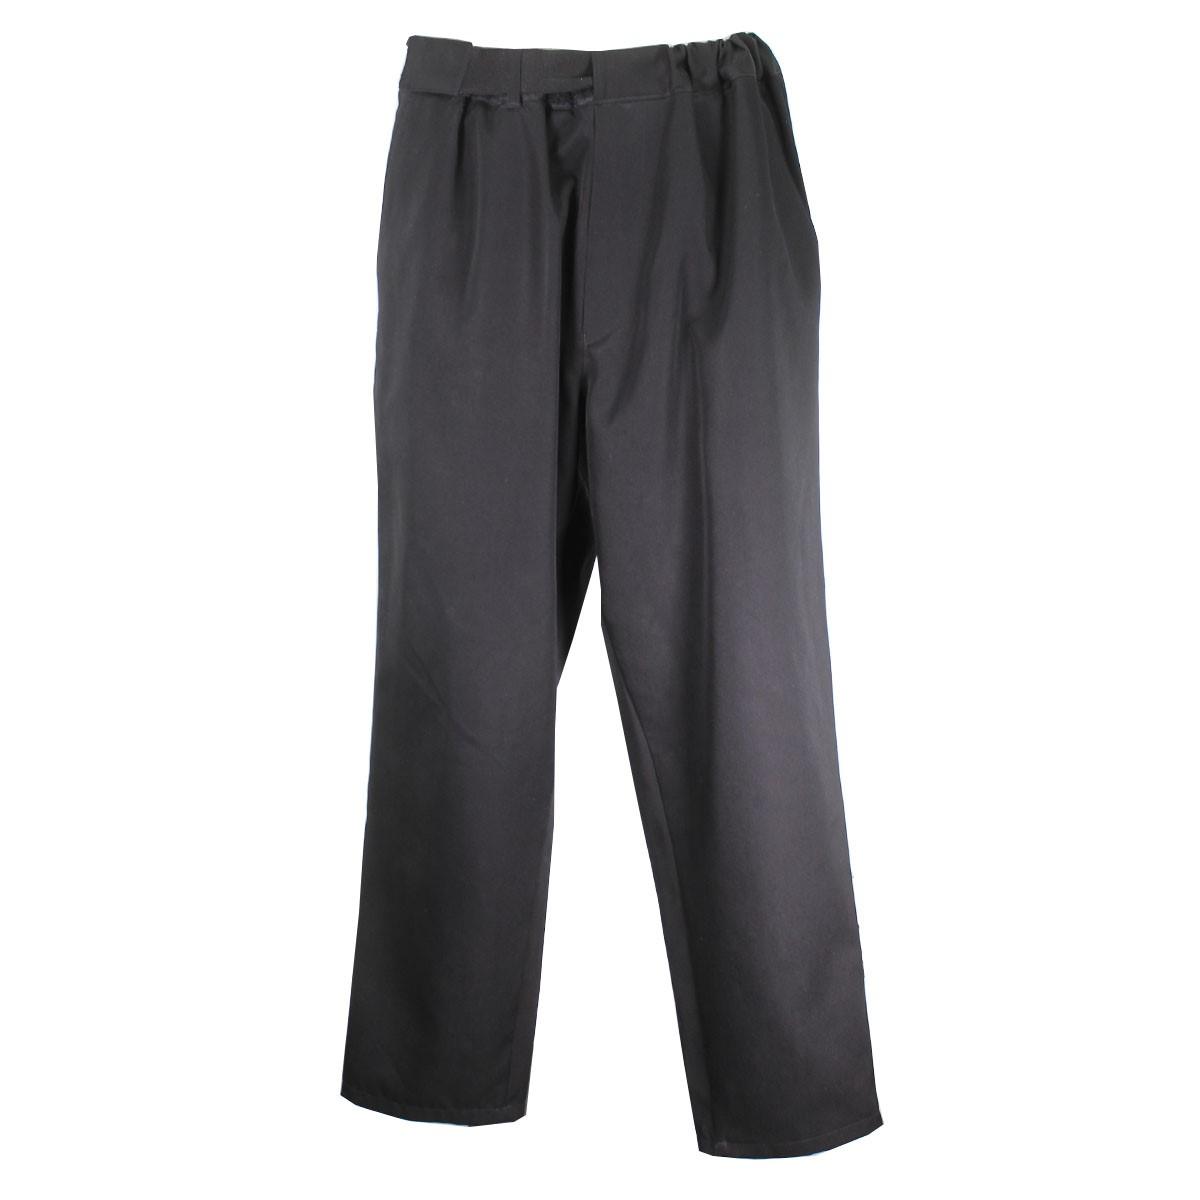 【中古】GRAPHPAPER 19AW SELVAGE WOOL COOK PANT コックパンツ ブラック サイズ:F 【280320】(グラフペーパー)